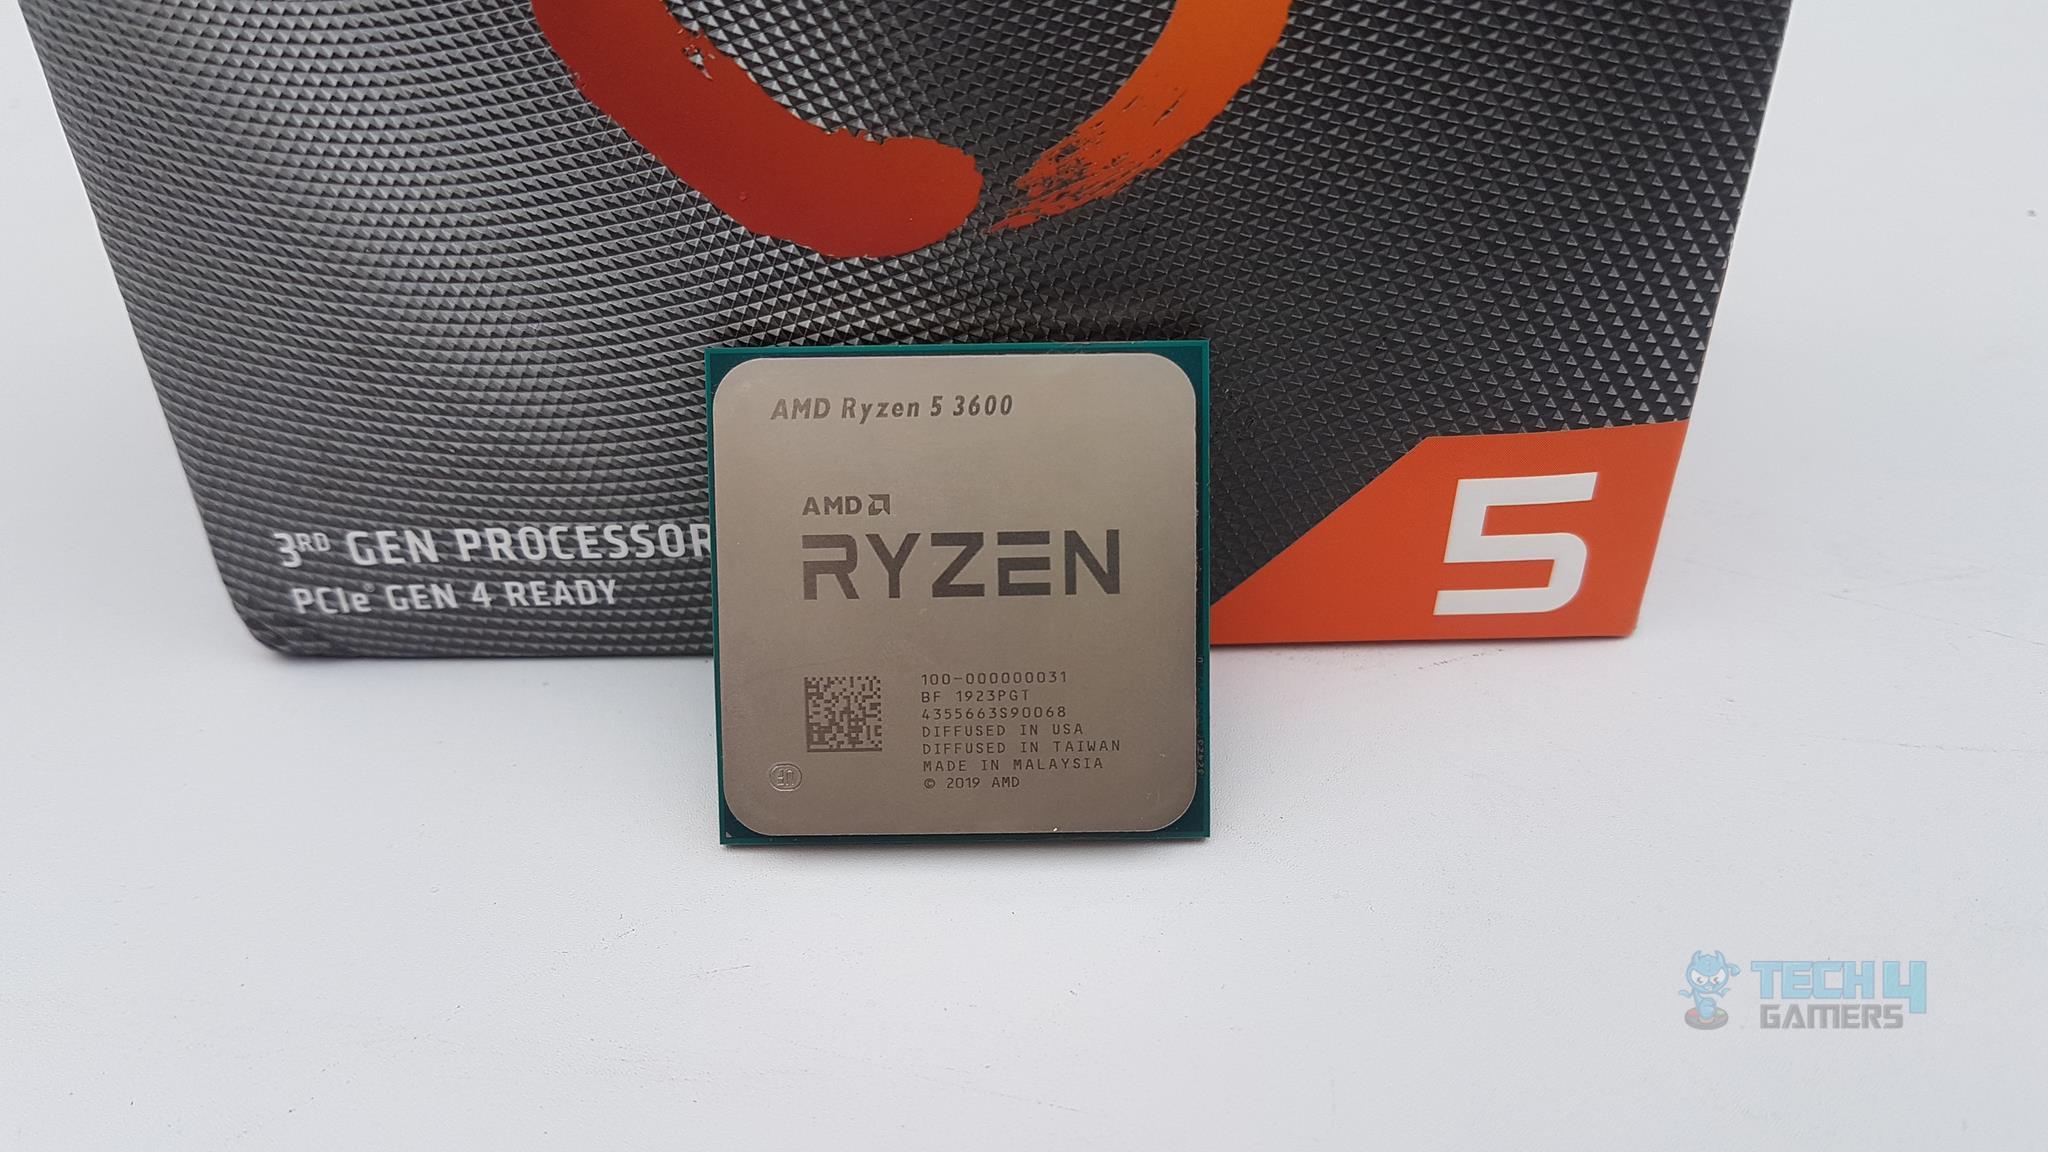 Amd Ryzen 5 3600 Review